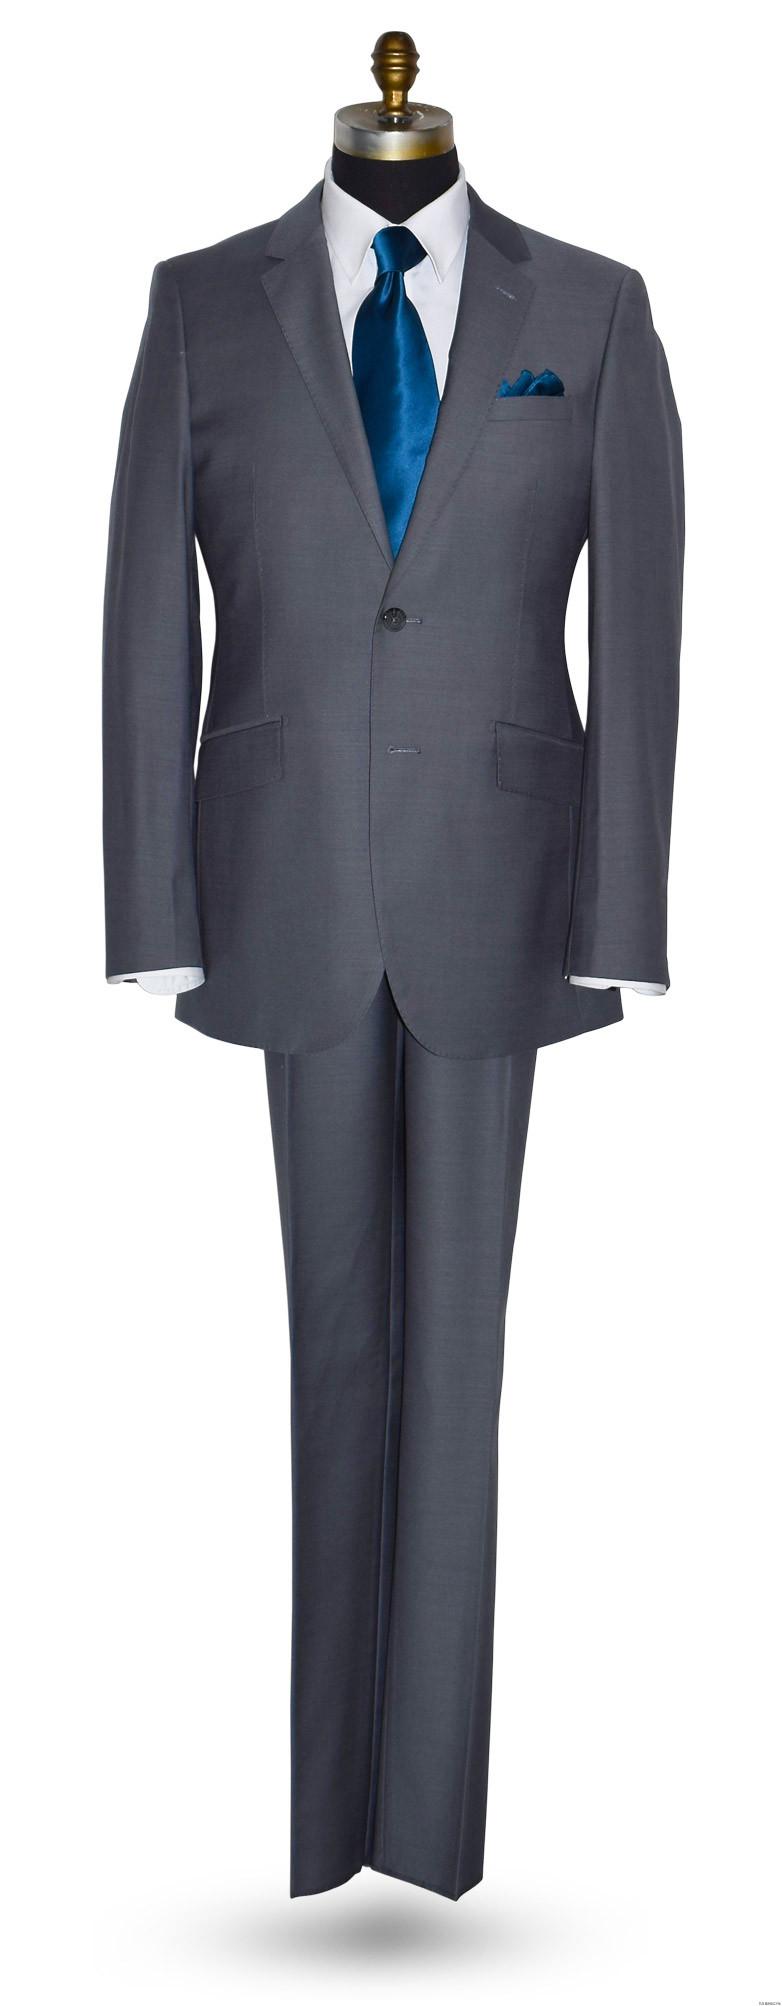 men's sapphire blue long tie and light gray suit